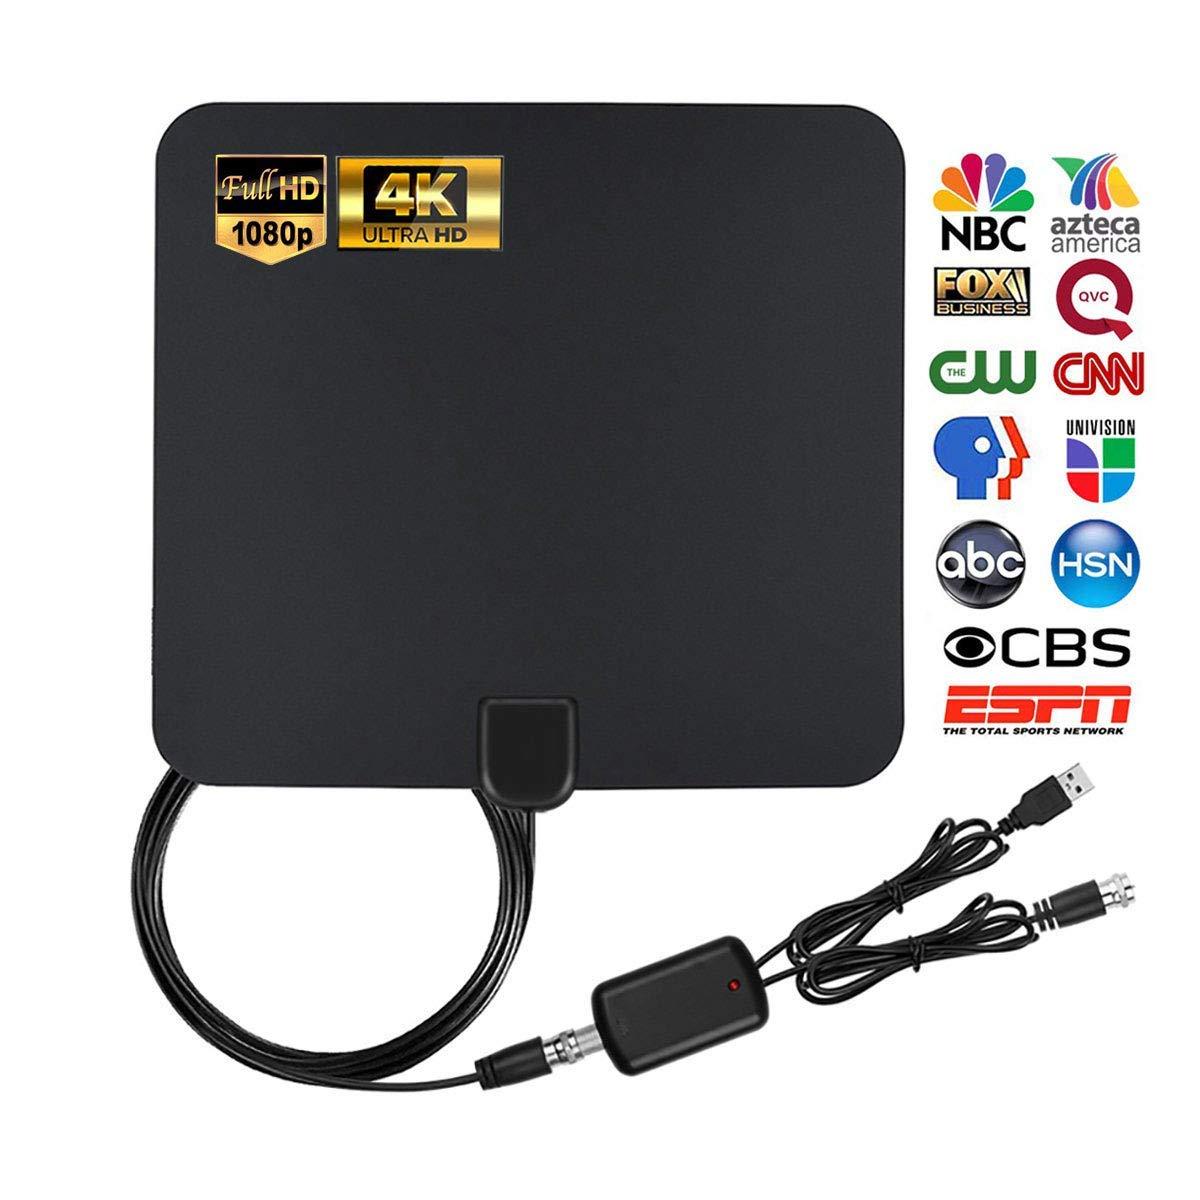 MEGAFEIS Antena de TV, antena de TV digital HDTV amplificada, antena de TV para interiores con canales locales de alta definición 4K 1080P HD VHF UHF, rango de 80 millas con amplificador